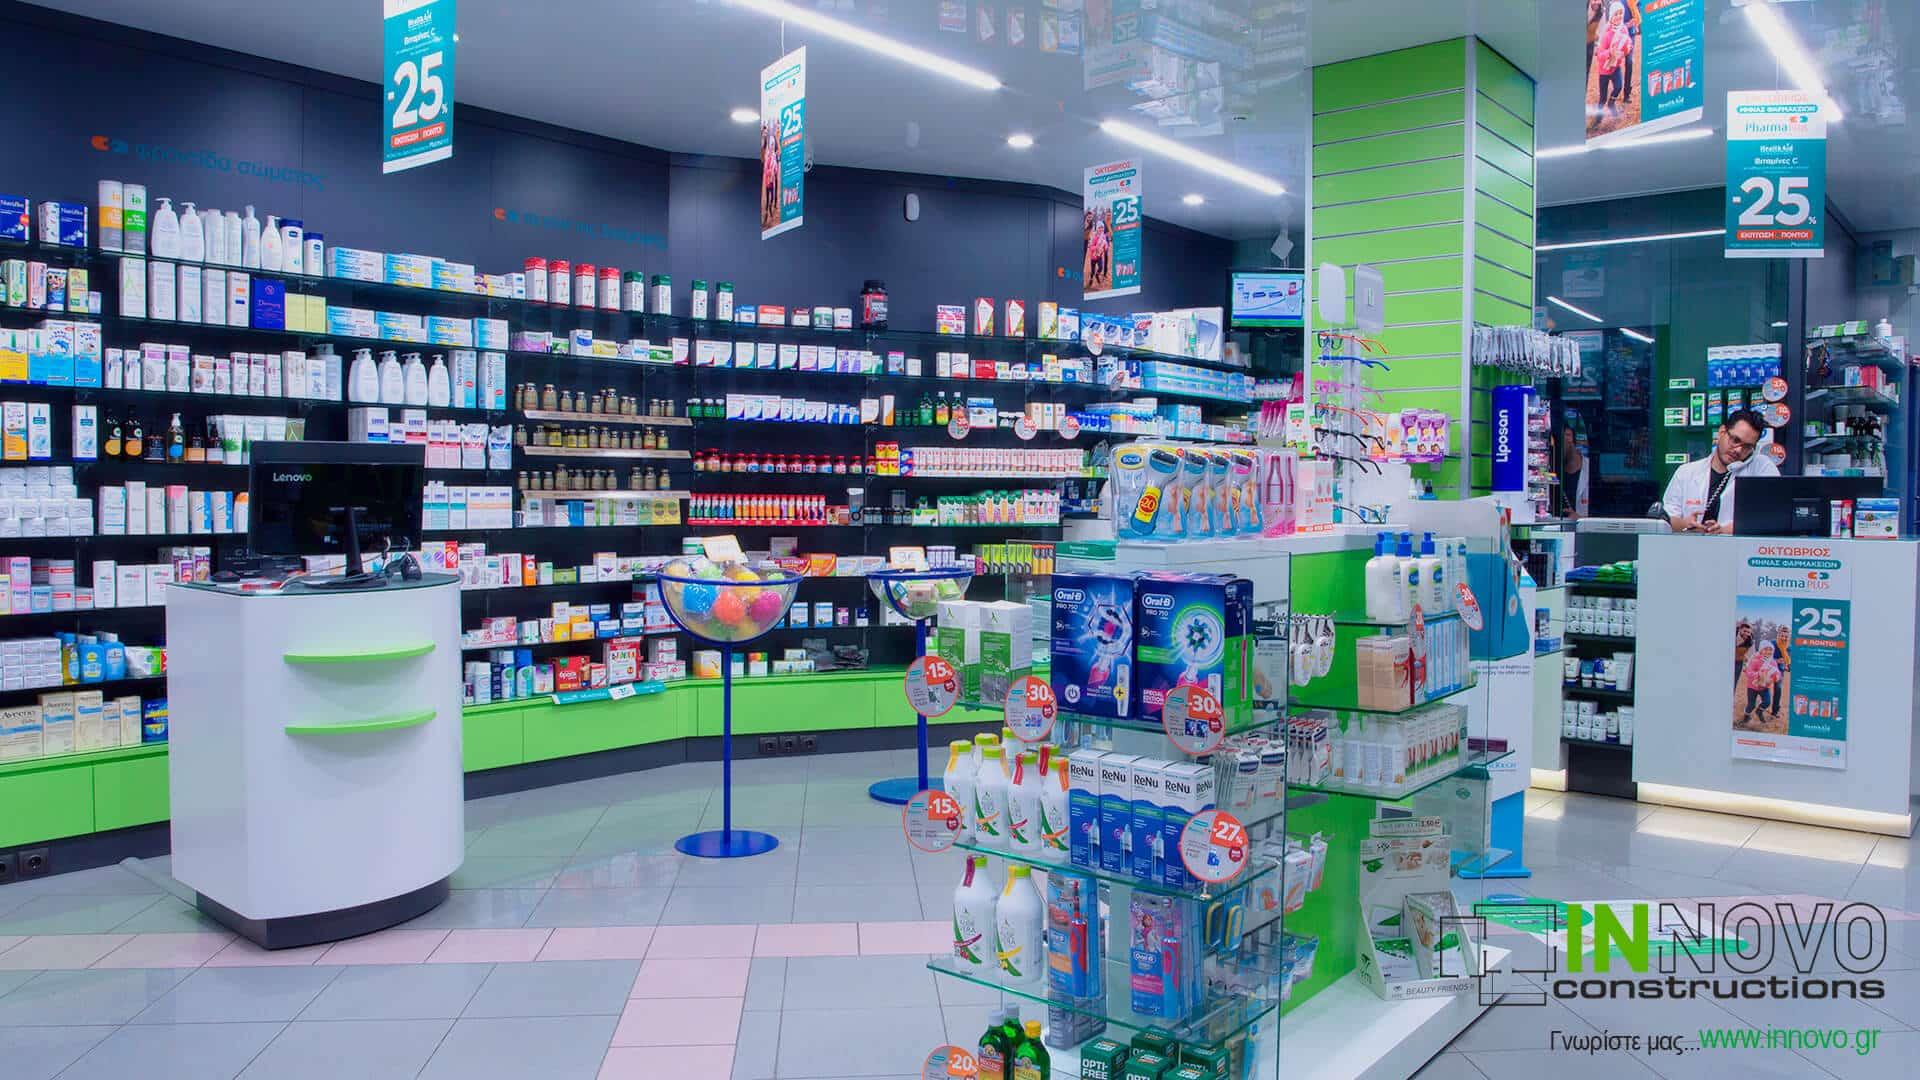 Κατασκευή και ανακαίνιση φαρμακείου στην Καλλιθέα